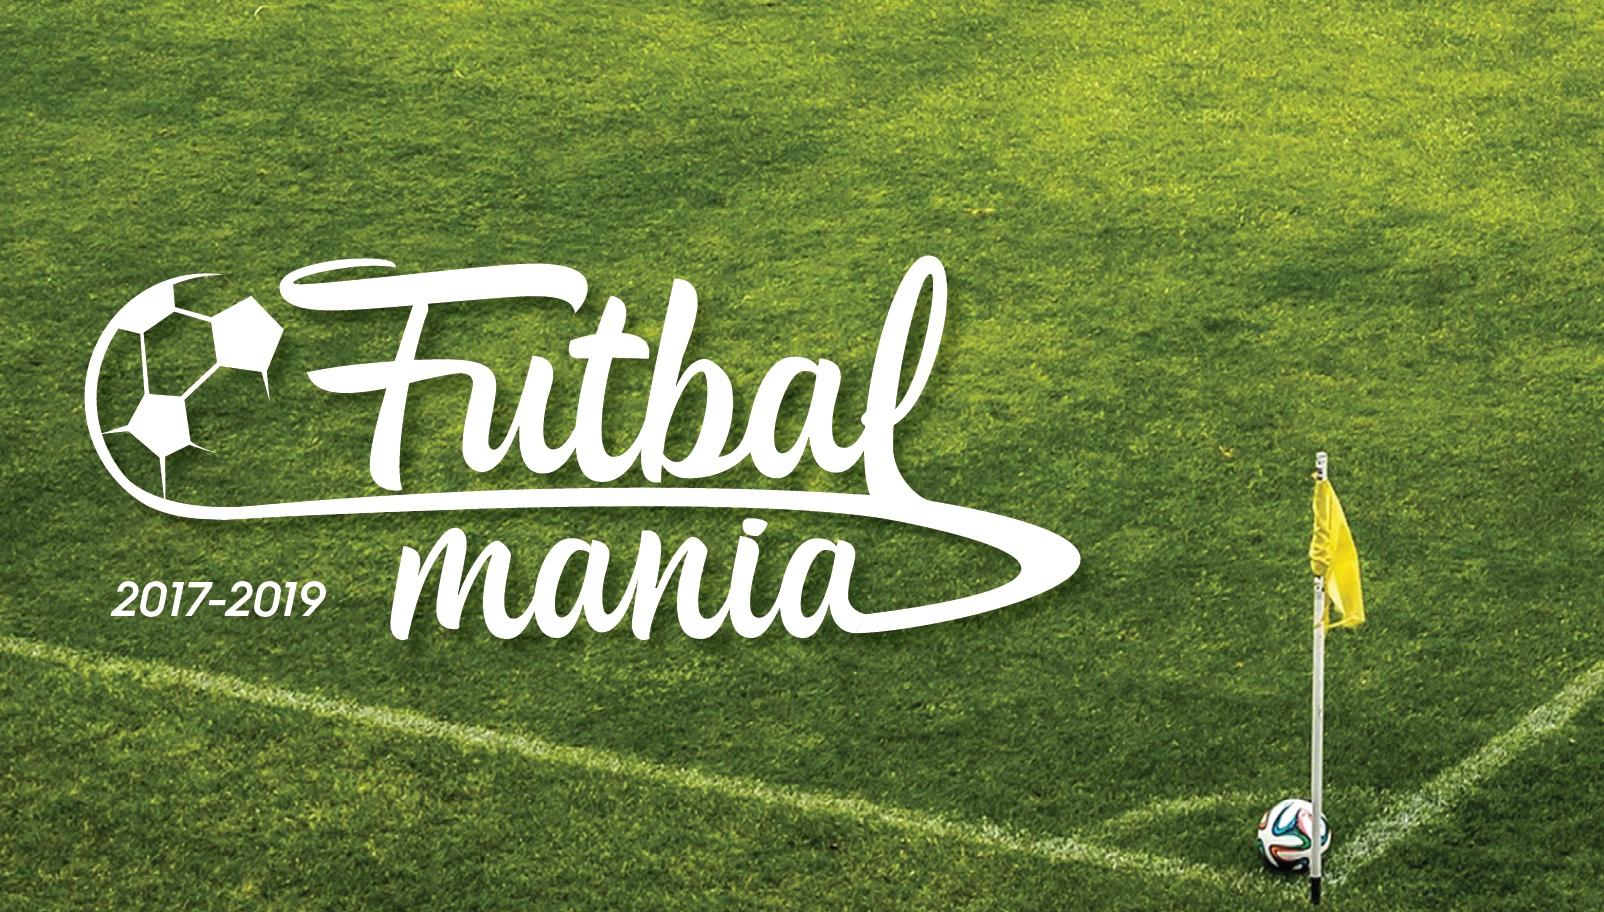 27bc798b0 Futbalmania už aj pod Zoborom - Kam v meste | moja Nitra